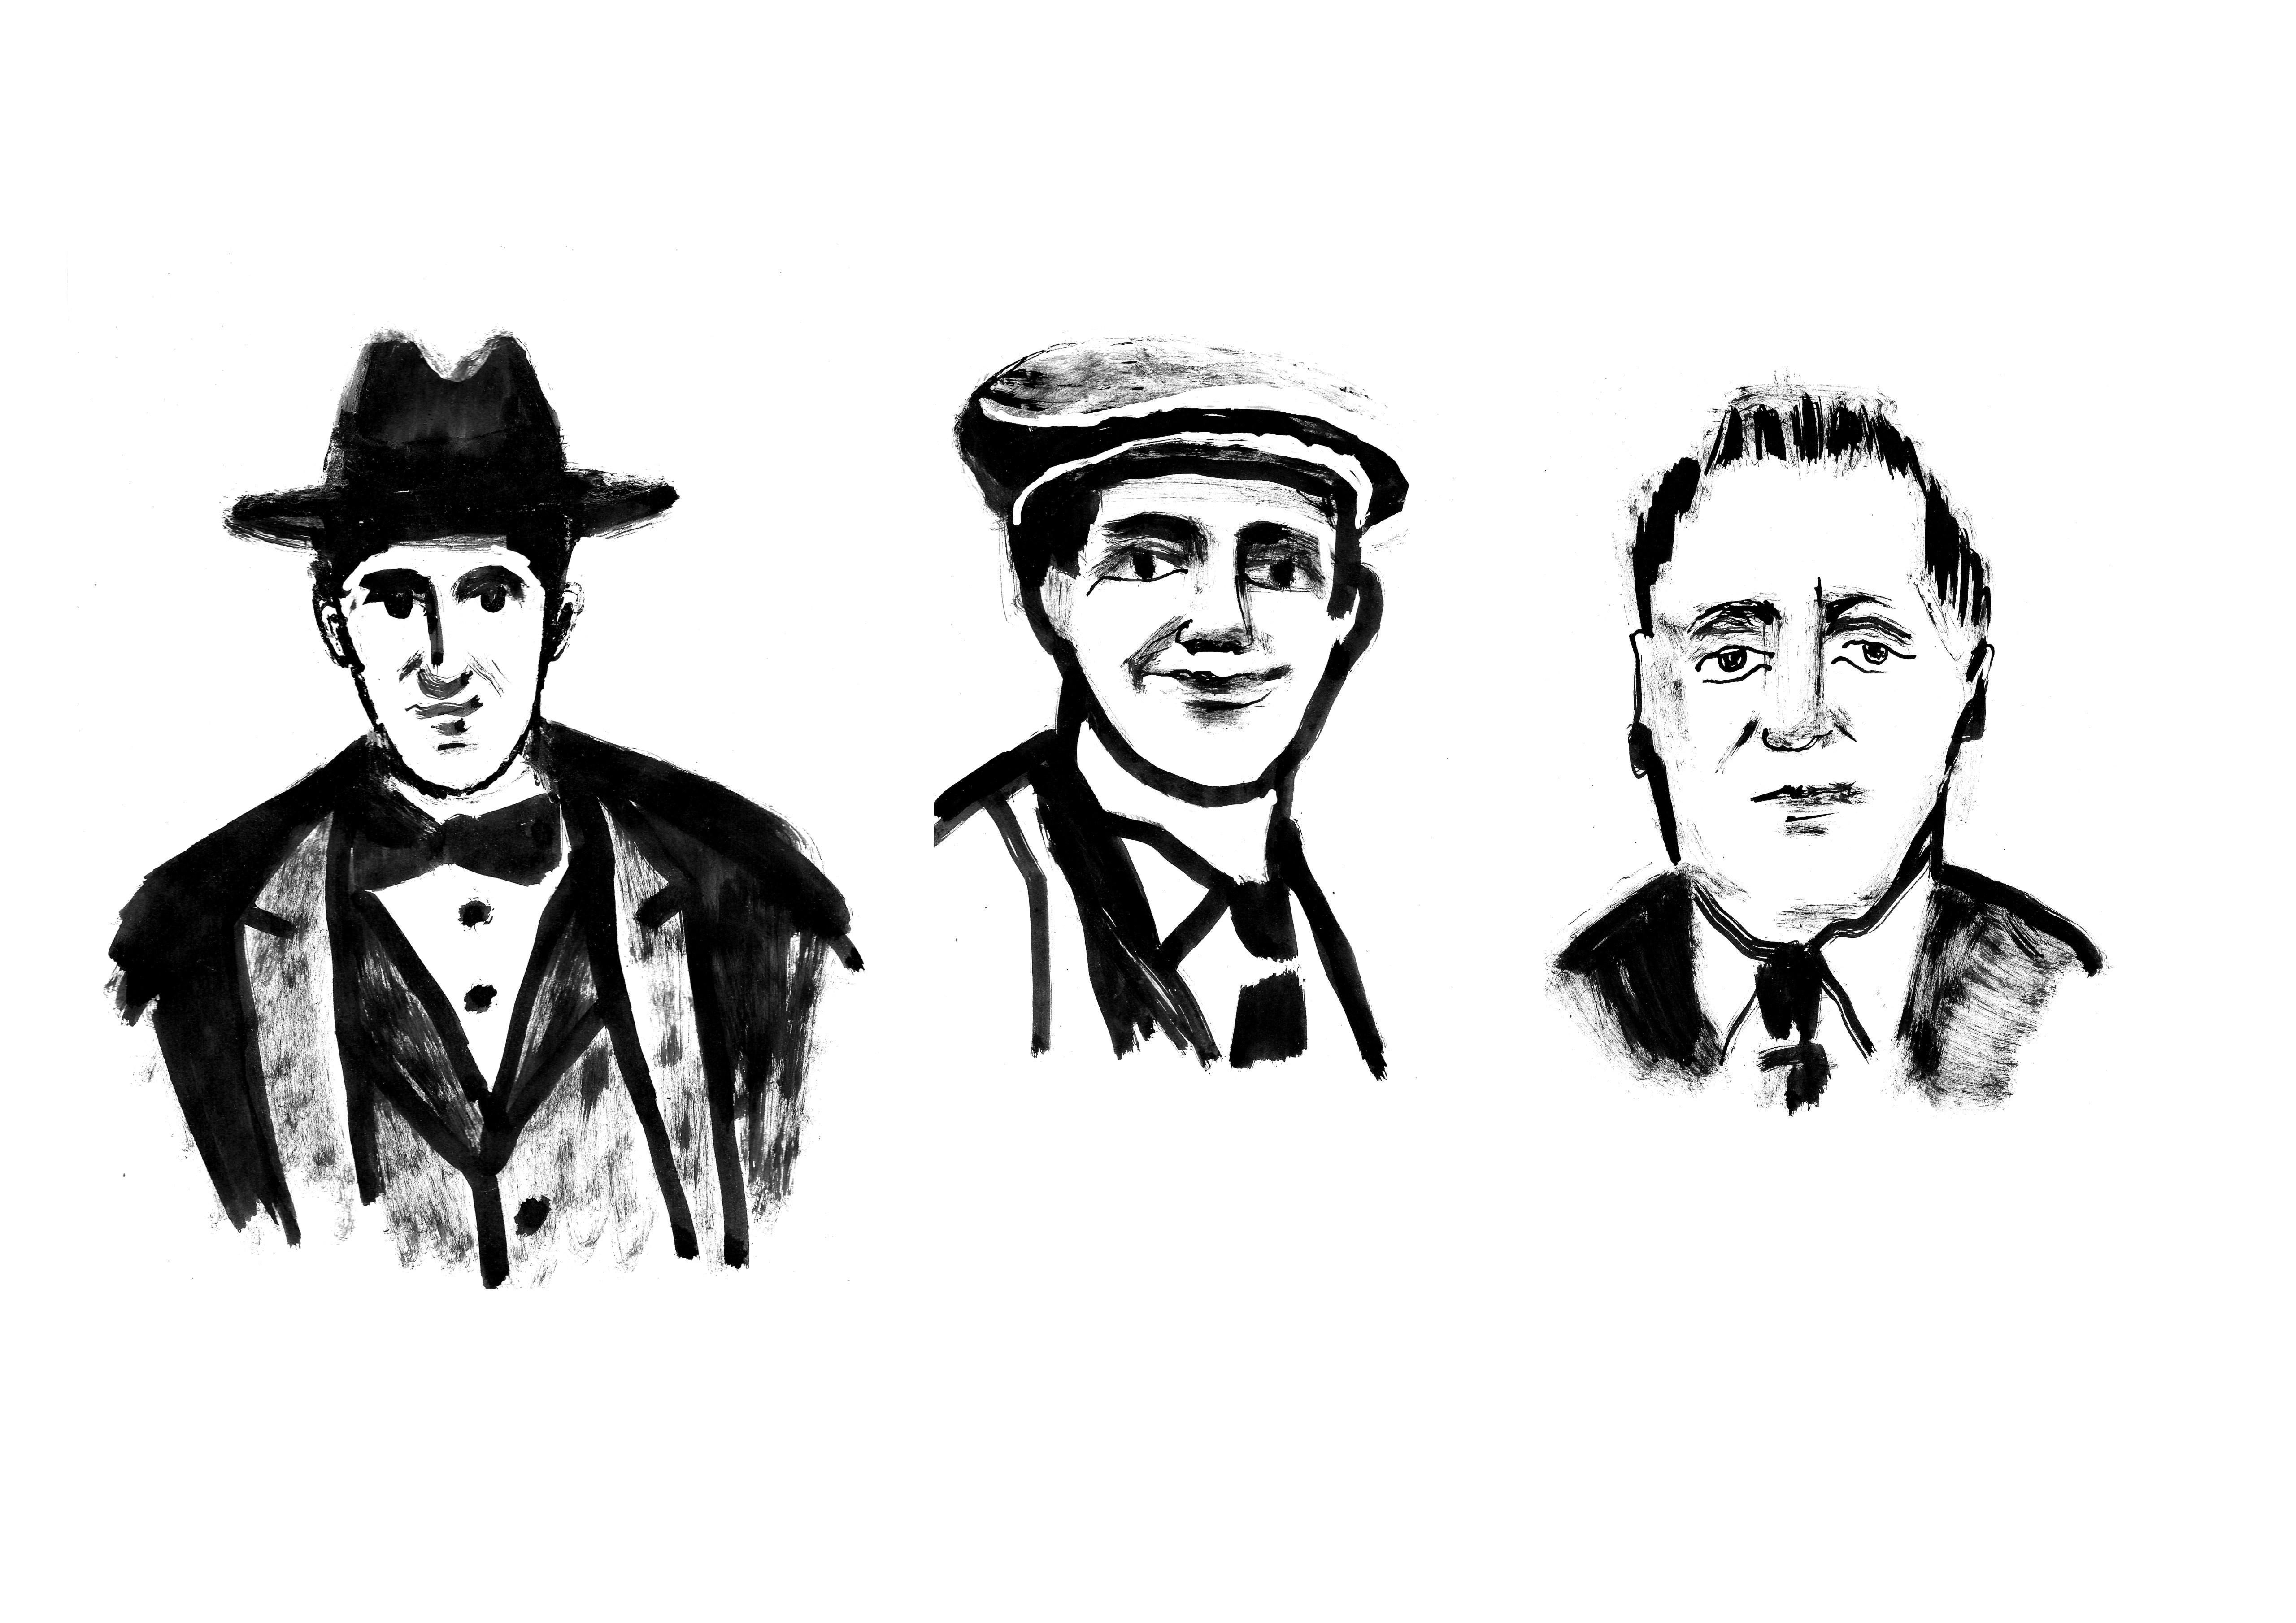 Блог Кати Осиной. Рисунки из Путешествий. Как понять Баухаус?Гропиус, Мейер, Мис ван дер Роэ